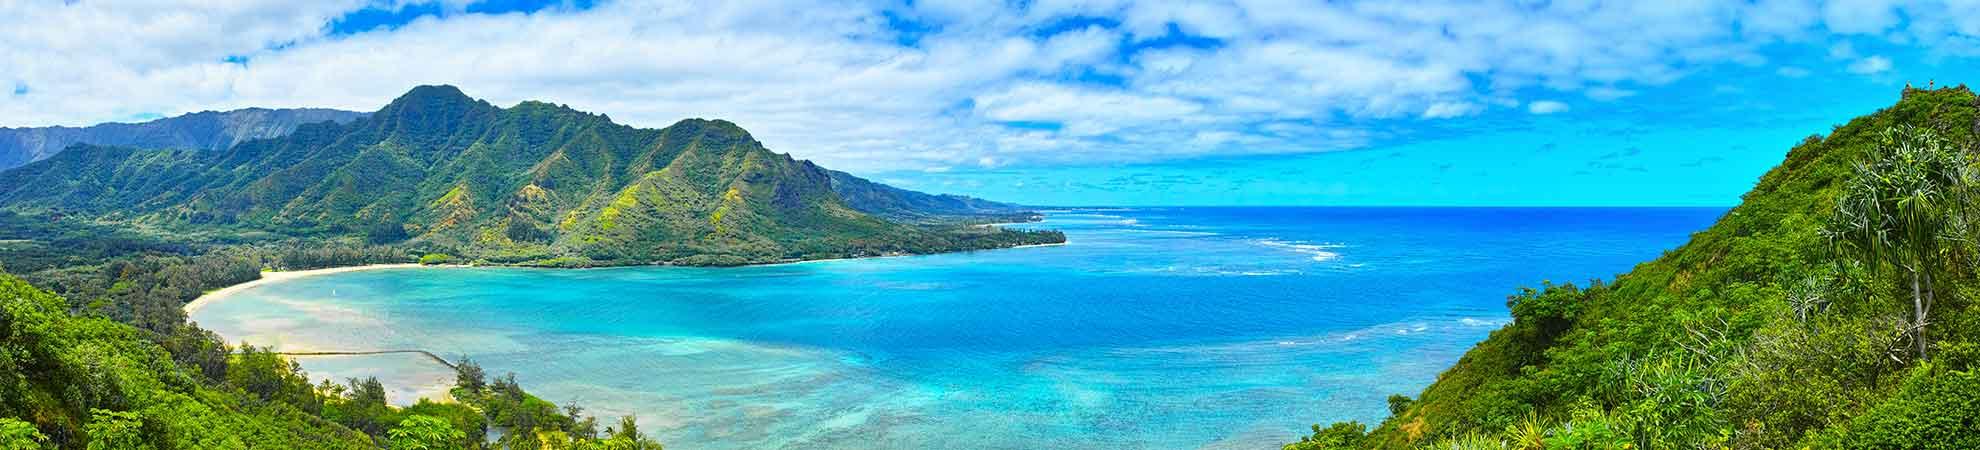 Pourquoi faire un voyage tout inclus Hawaii pour découvrir cette destination magique et passer un séjour en toute tranquillité